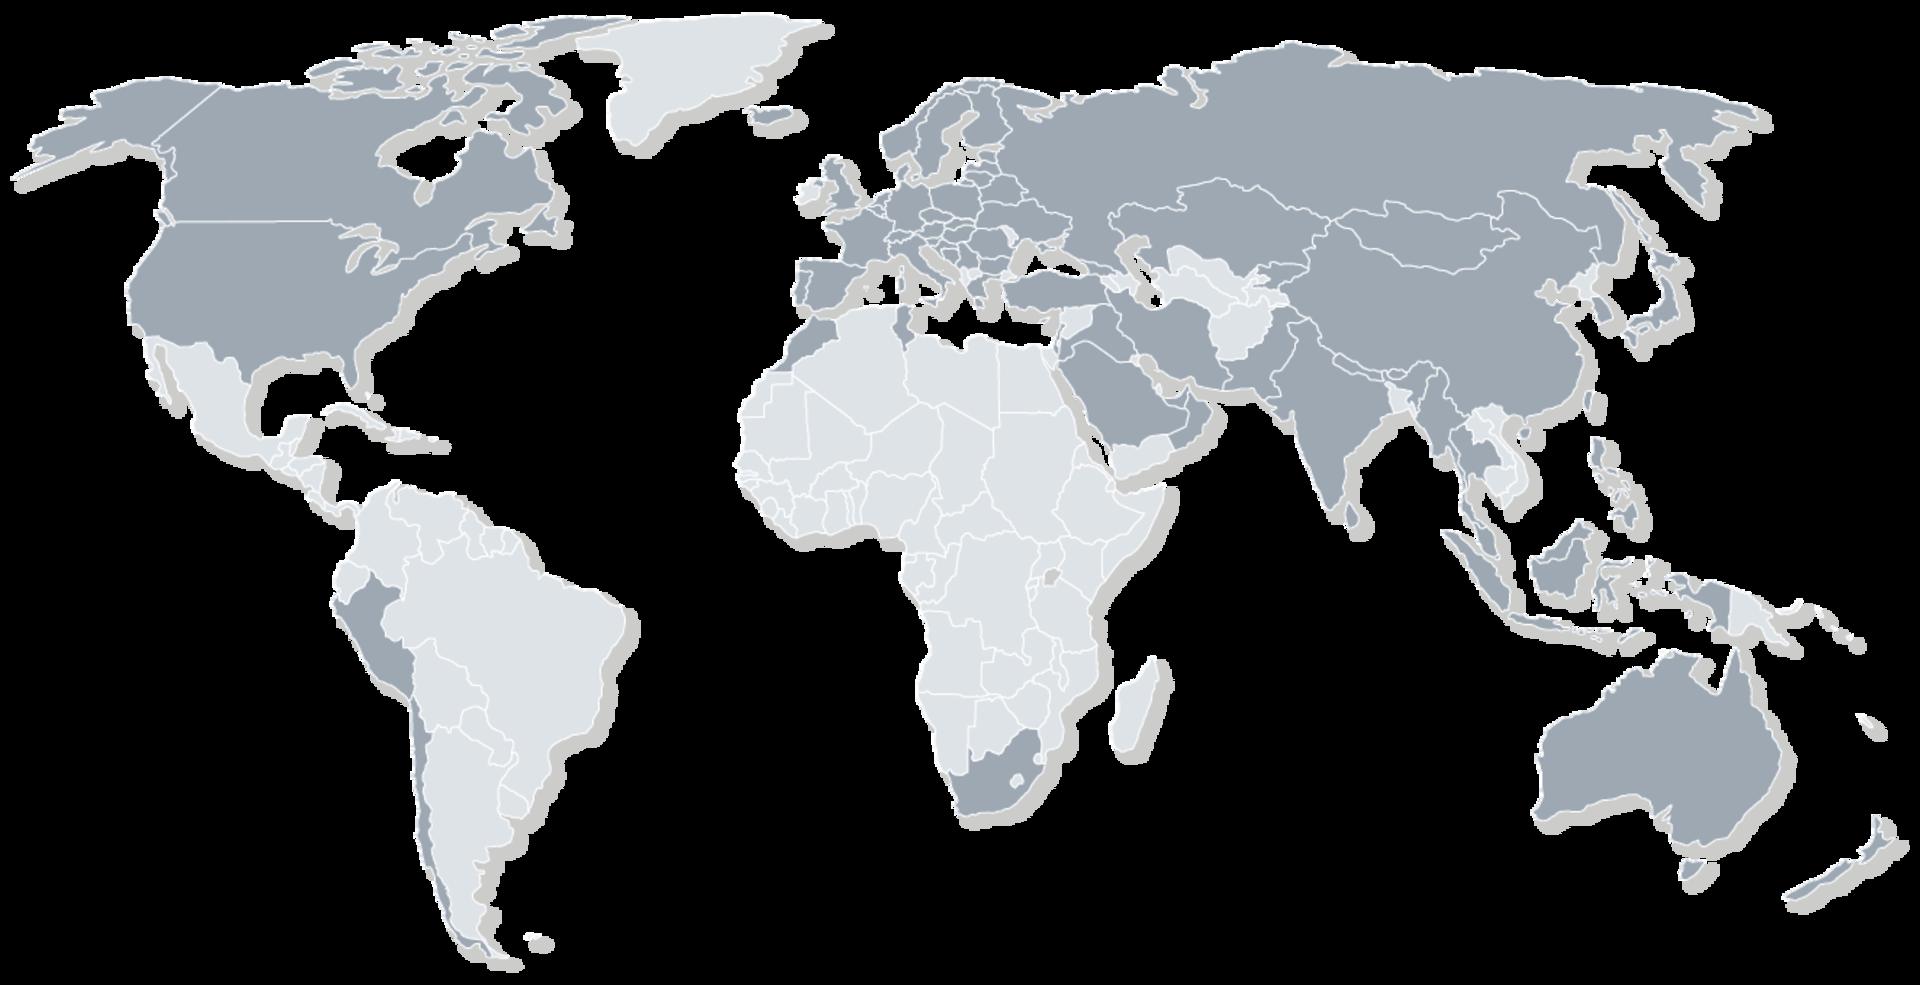 LOWA-Schuhe werden mittlerweile in 75 Länder weltweit exportiert.